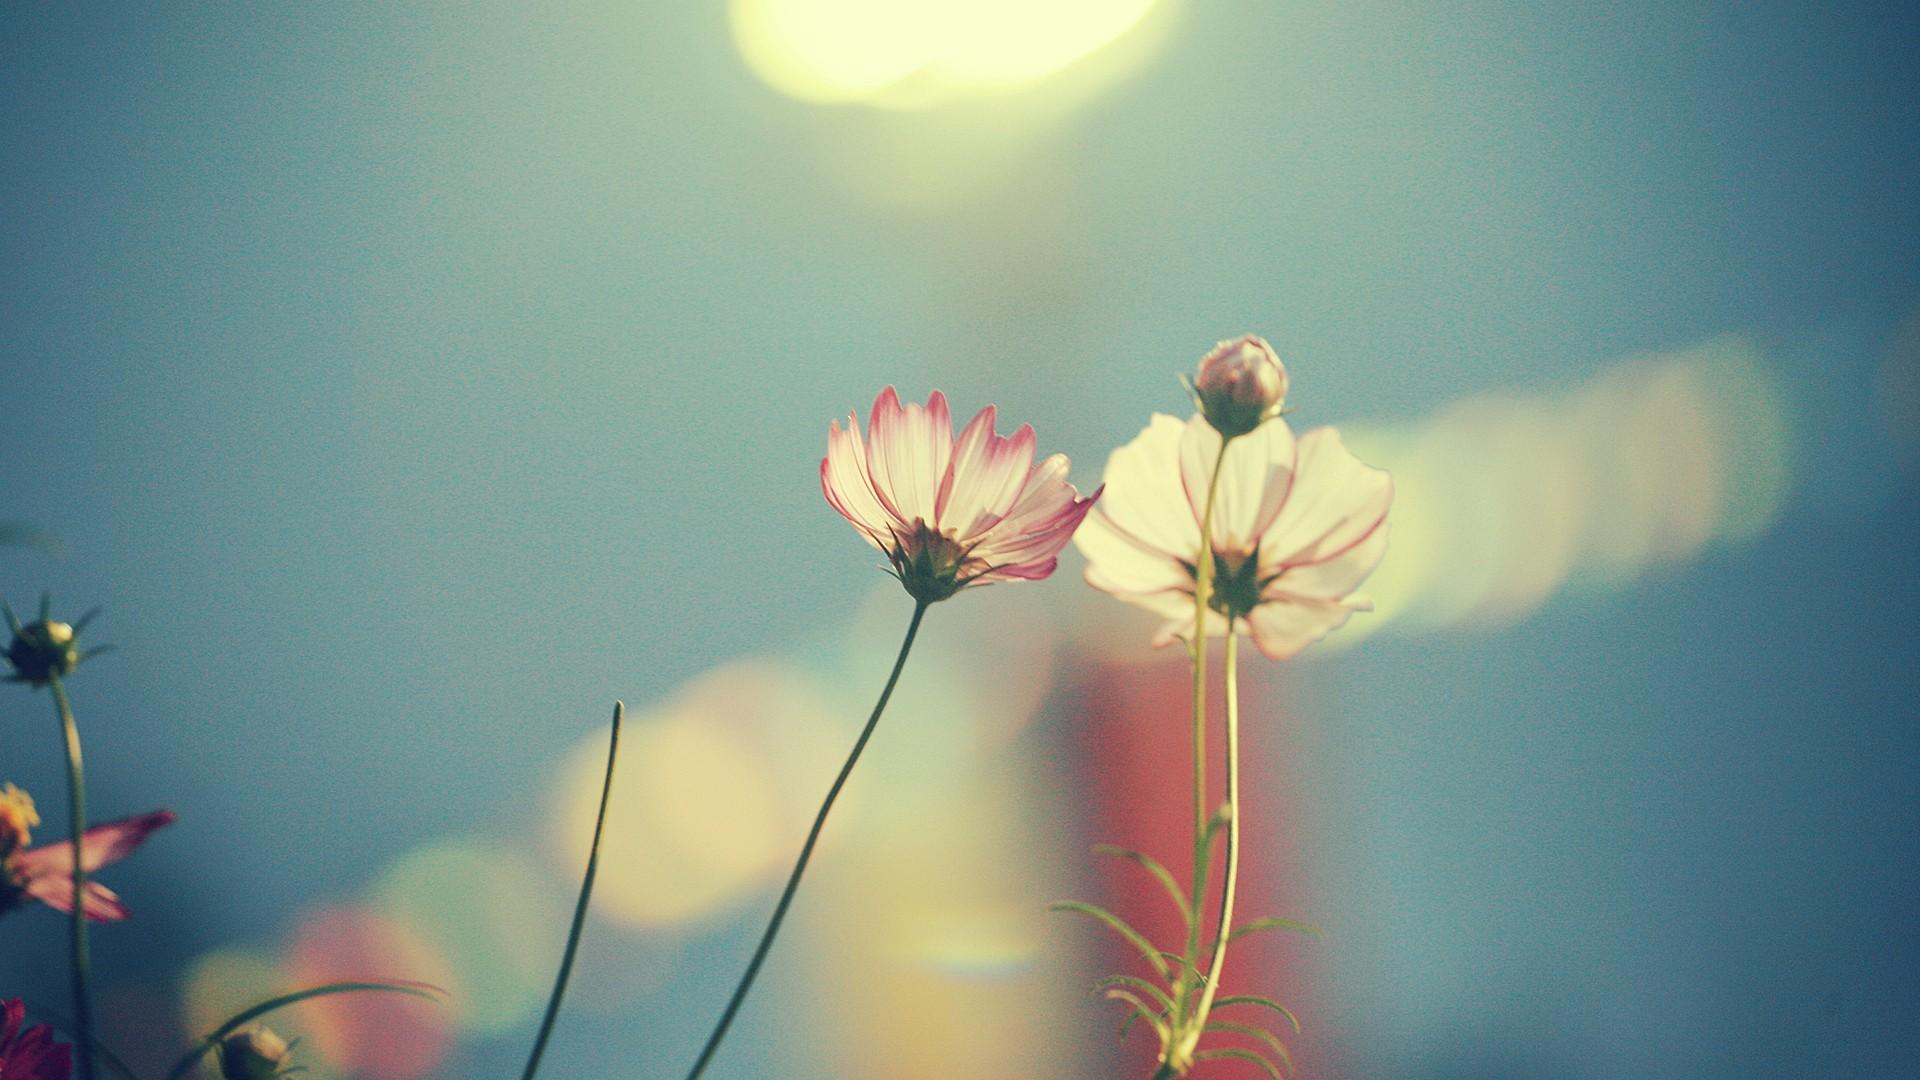 Earth Flower 1920x1080